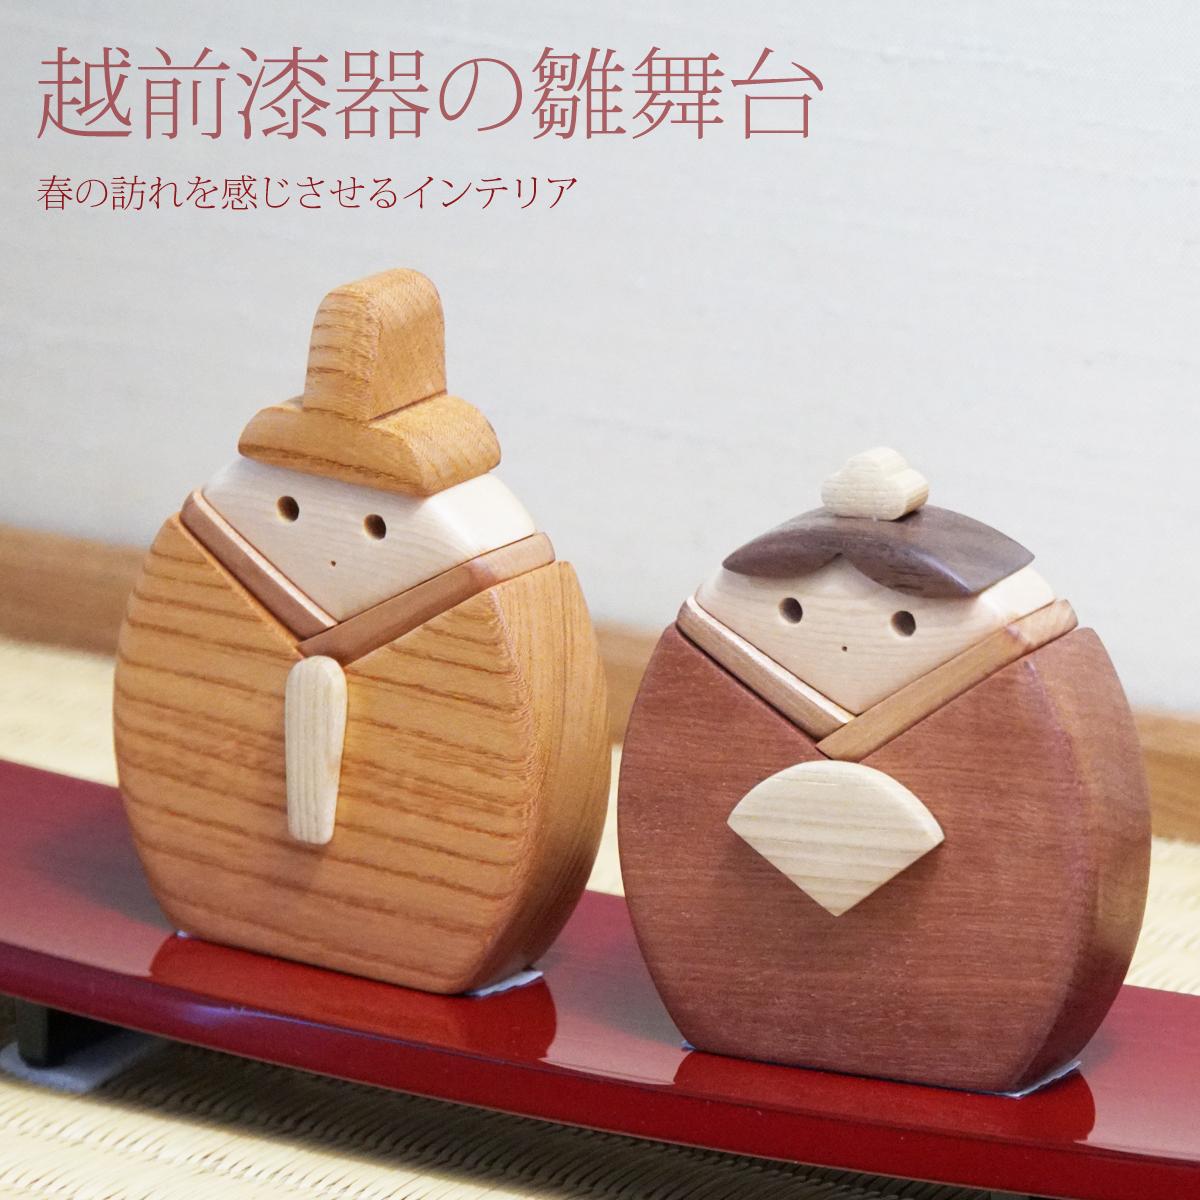 雛人形 コンパクト 木製 おしゃれ ギフト 越前漆器 艶 上品 漆器 高級 日本製【送料無料】ひな人形 1013706